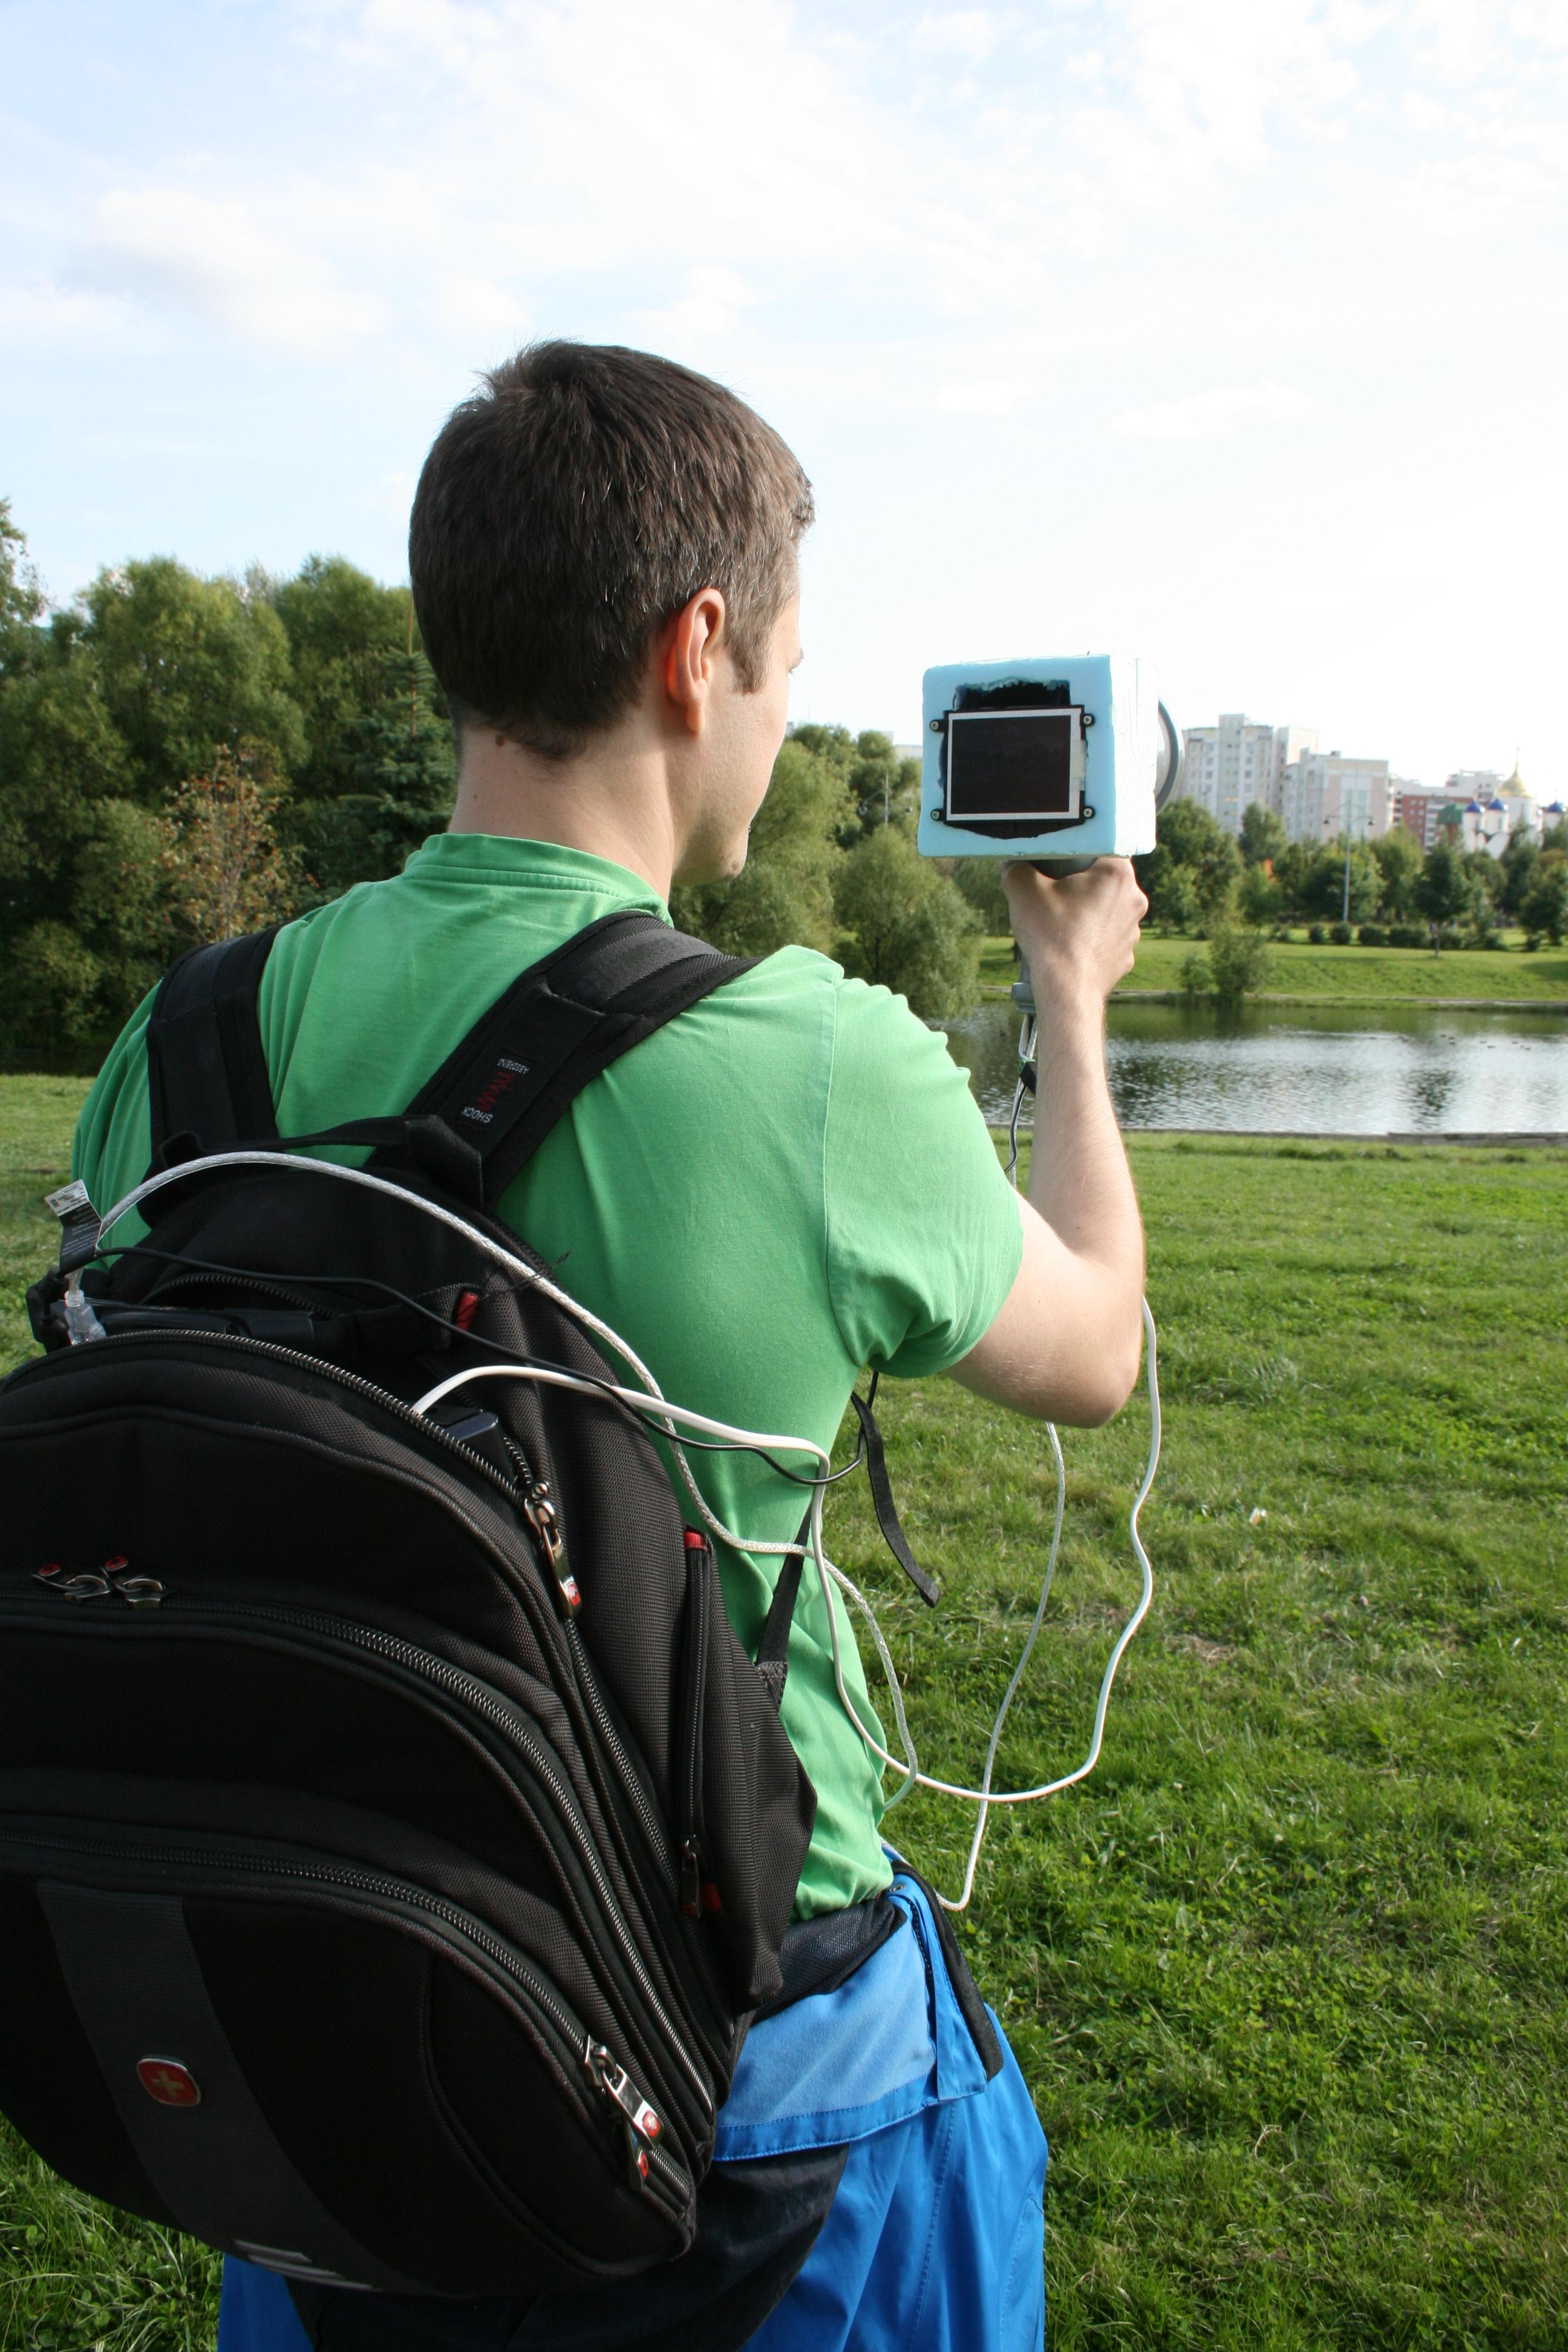 Инфракрасная видеокамера из подручных средств